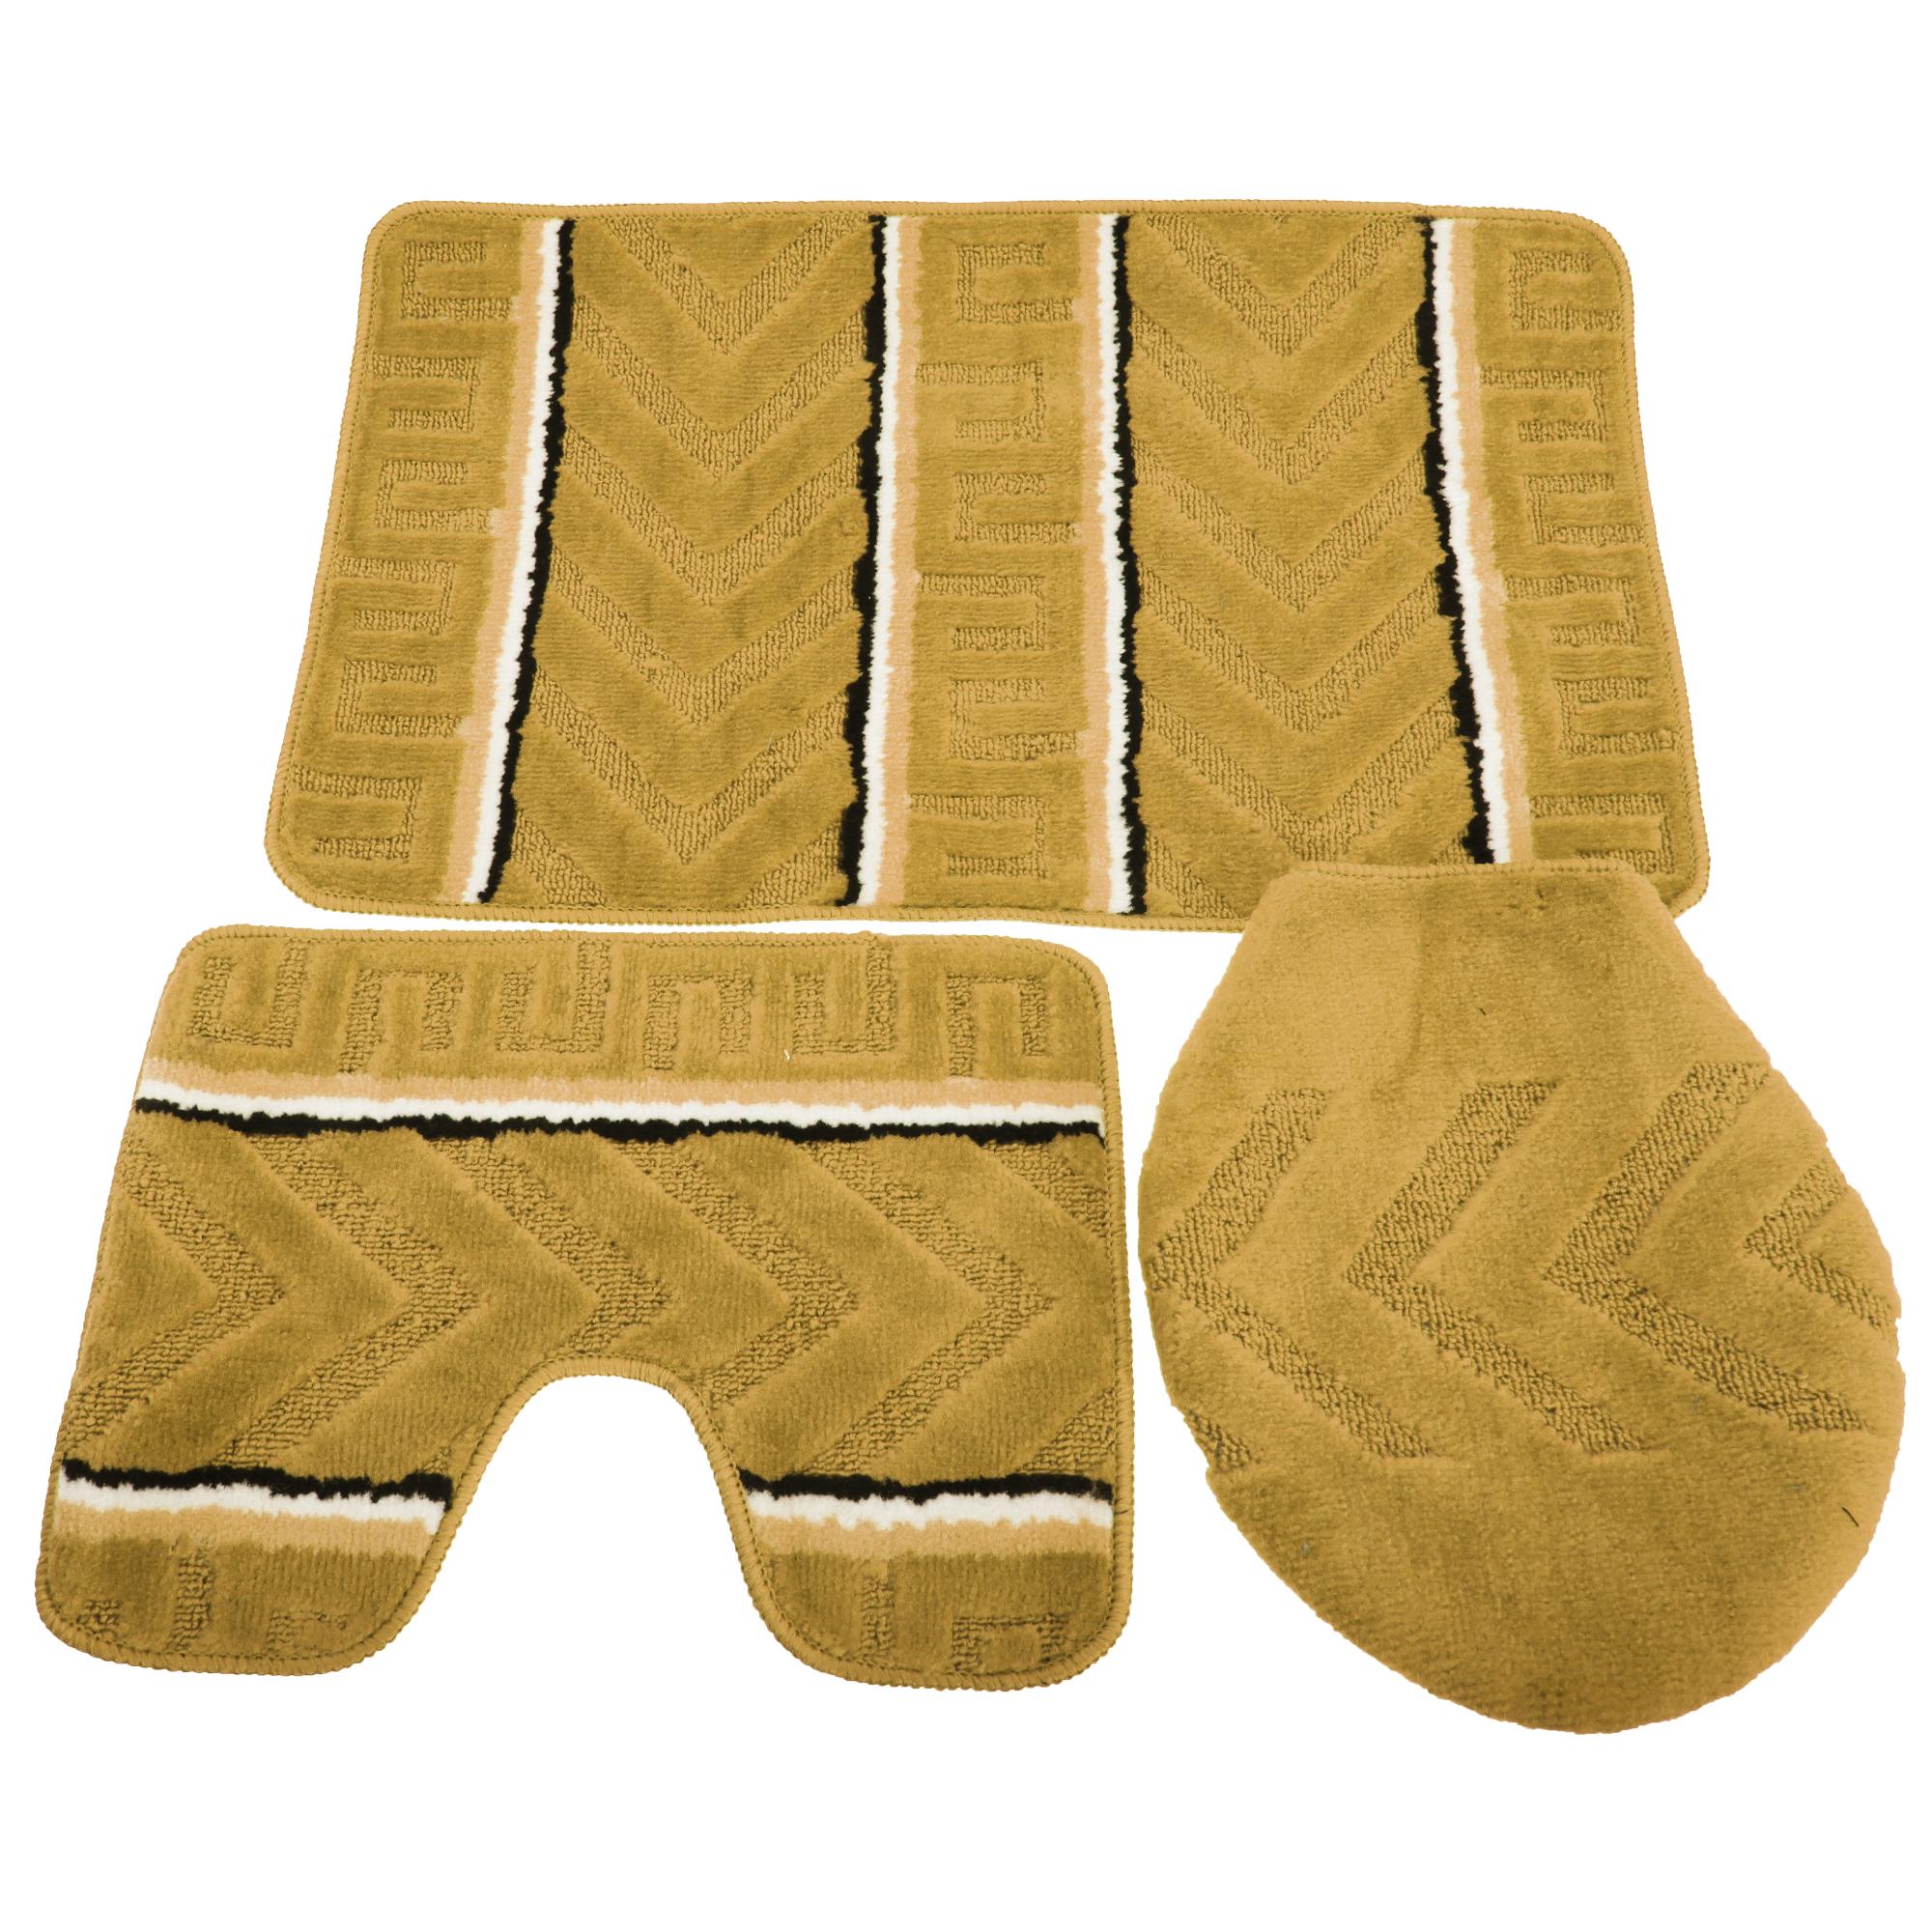 badematten set mit streifen und pfeil muster 3 teilig br286 ebay. Black Bedroom Furniture Sets. Home Design Ideas